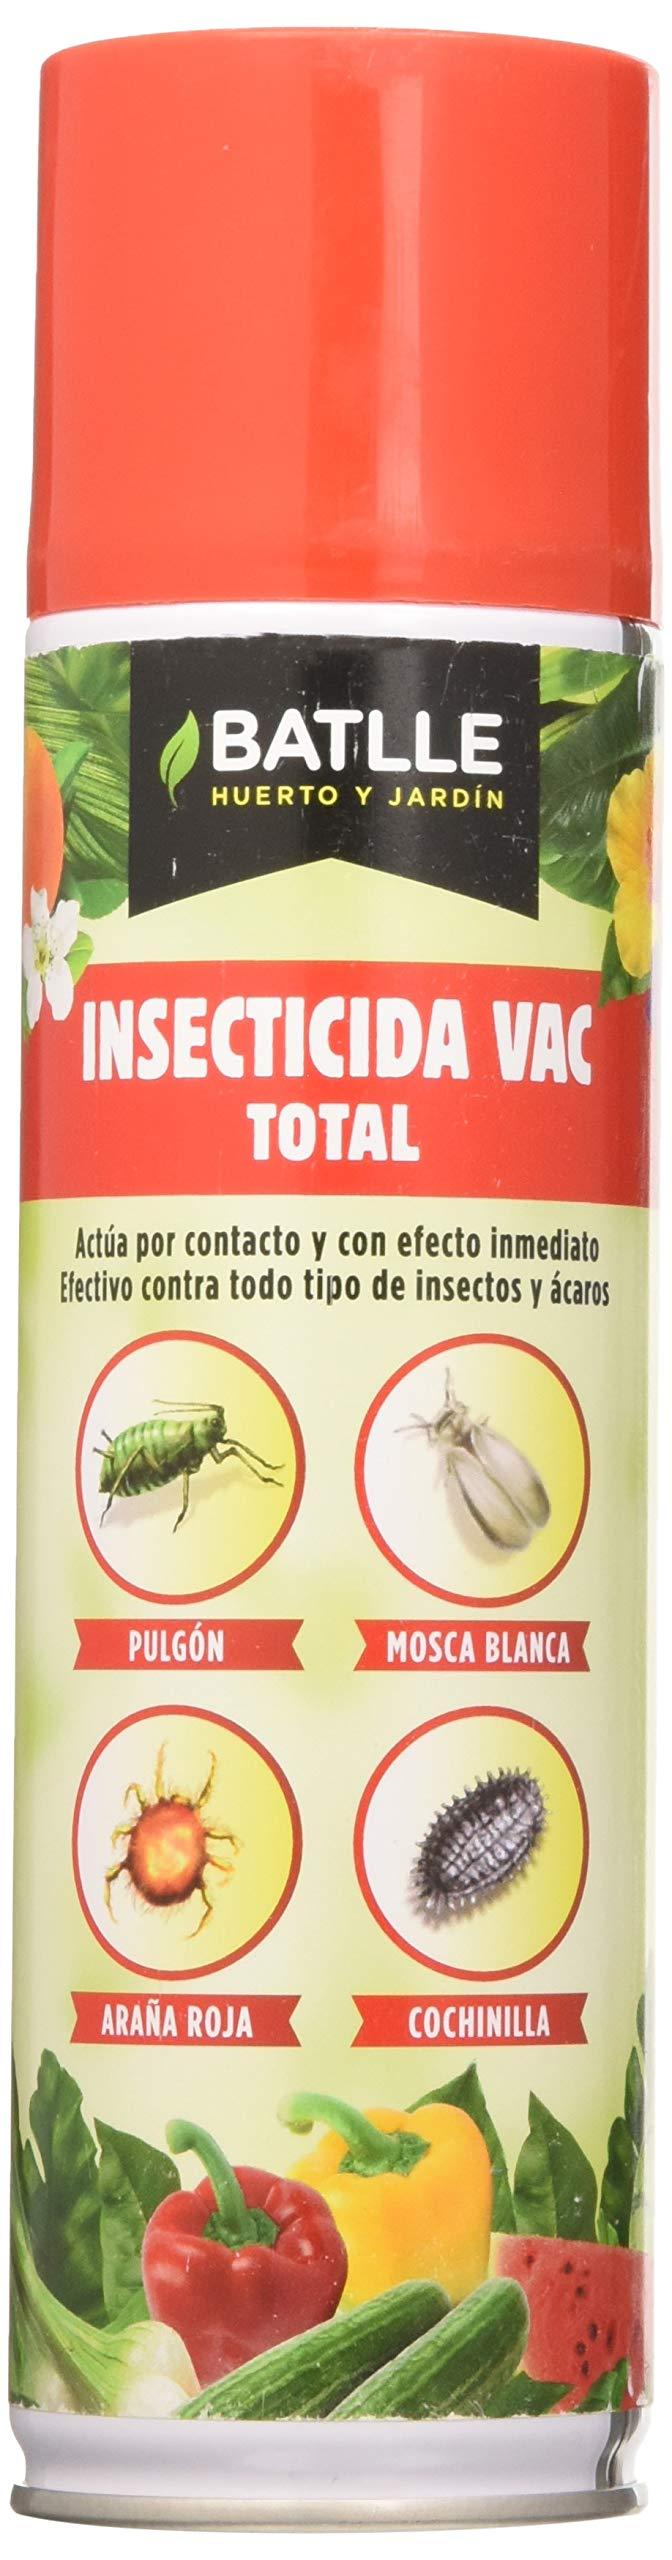 Amazon.es: Semillas Batlle: Fitosanitarios